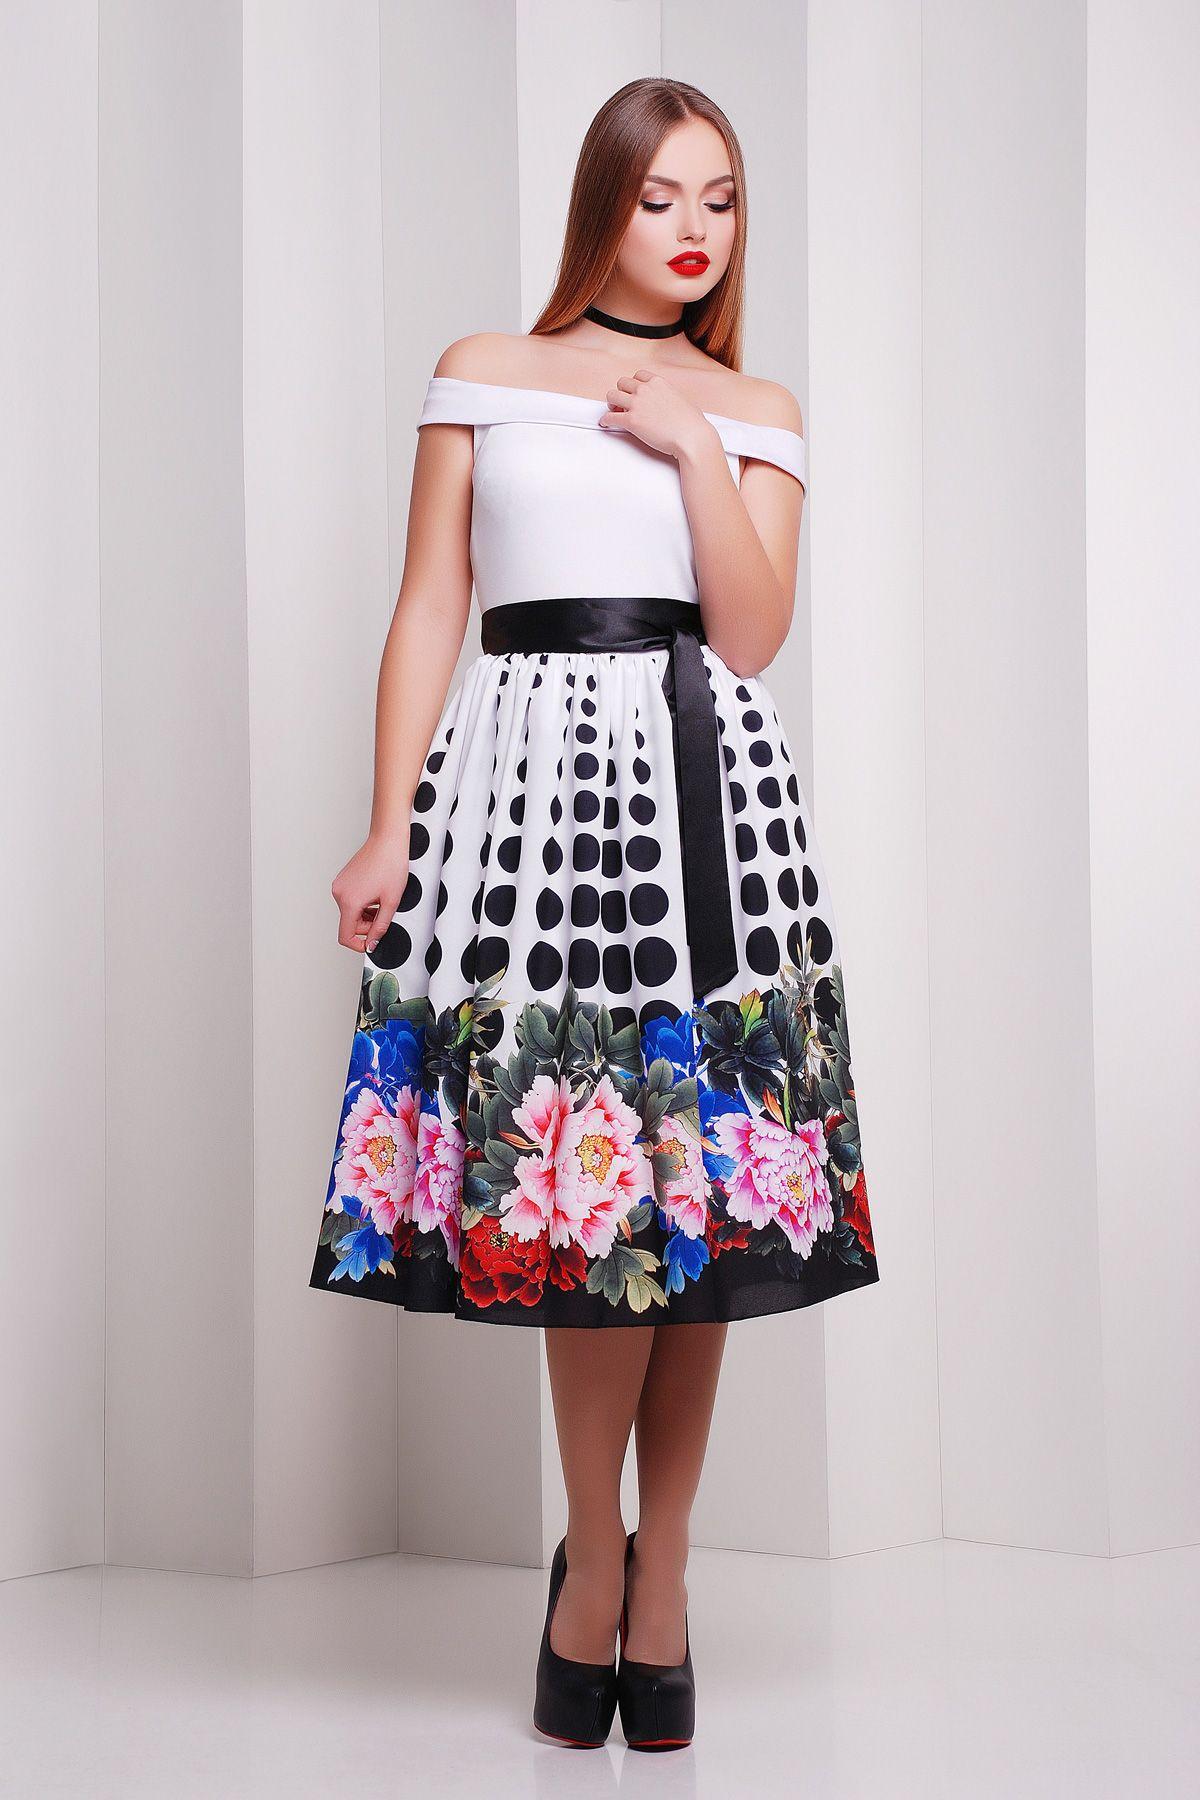 e026992f276 Платье на весну-лето с облегающим верхом и свободной юбкой ниже колен.  Пион-горох платье Эмми б р. Цвет  принт